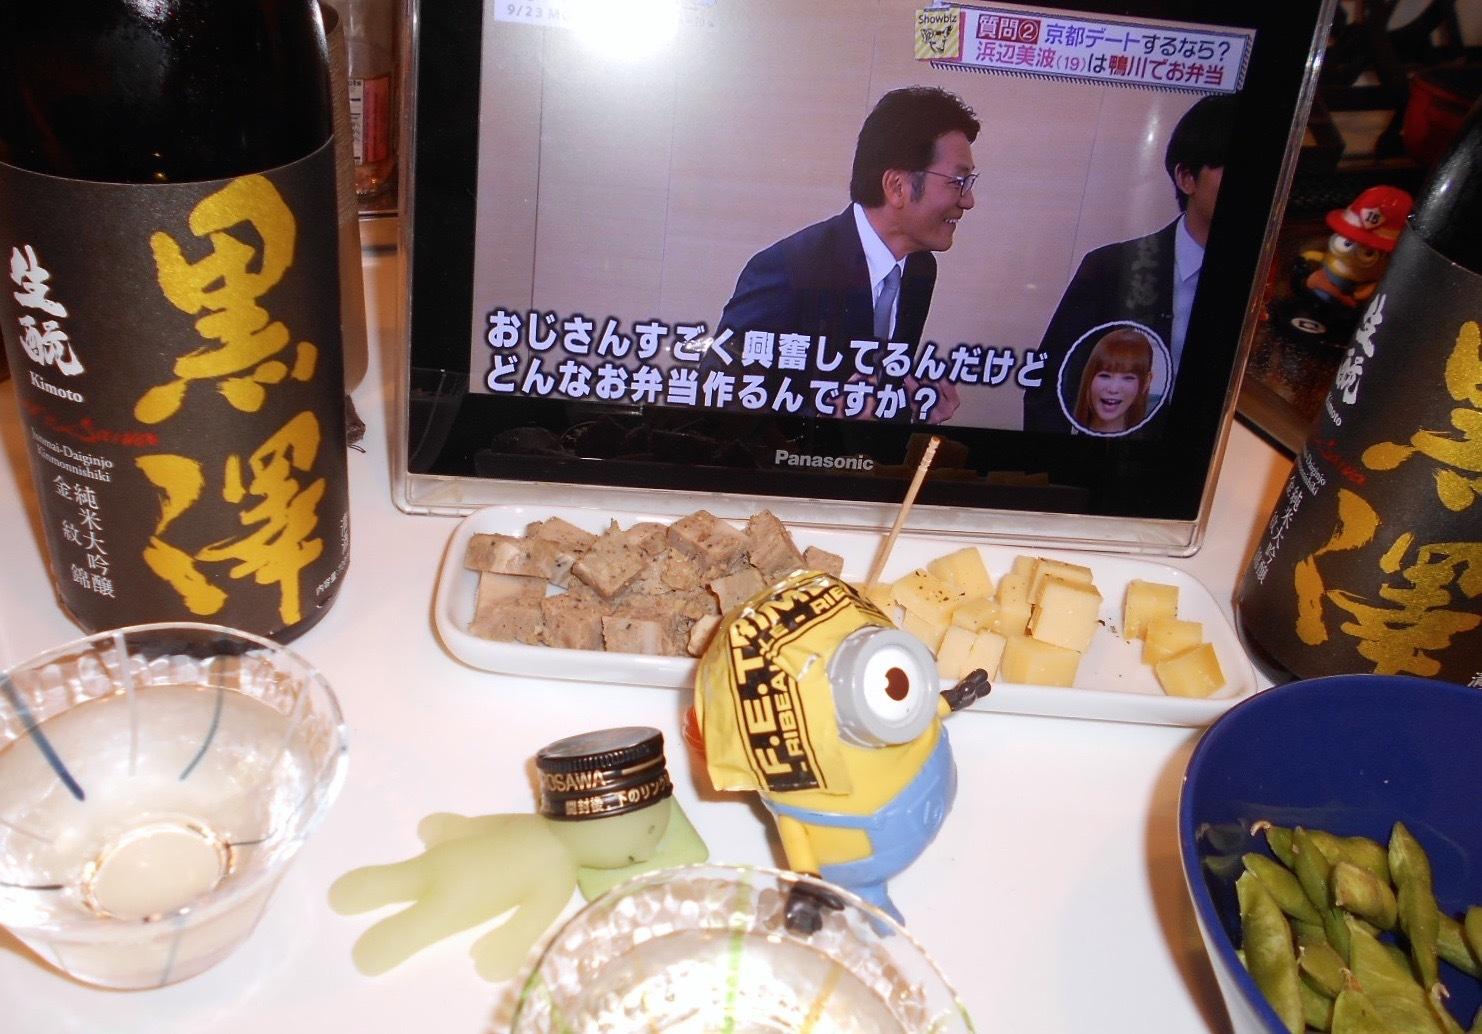 kurosawa_kinmon29by2_8.jpg